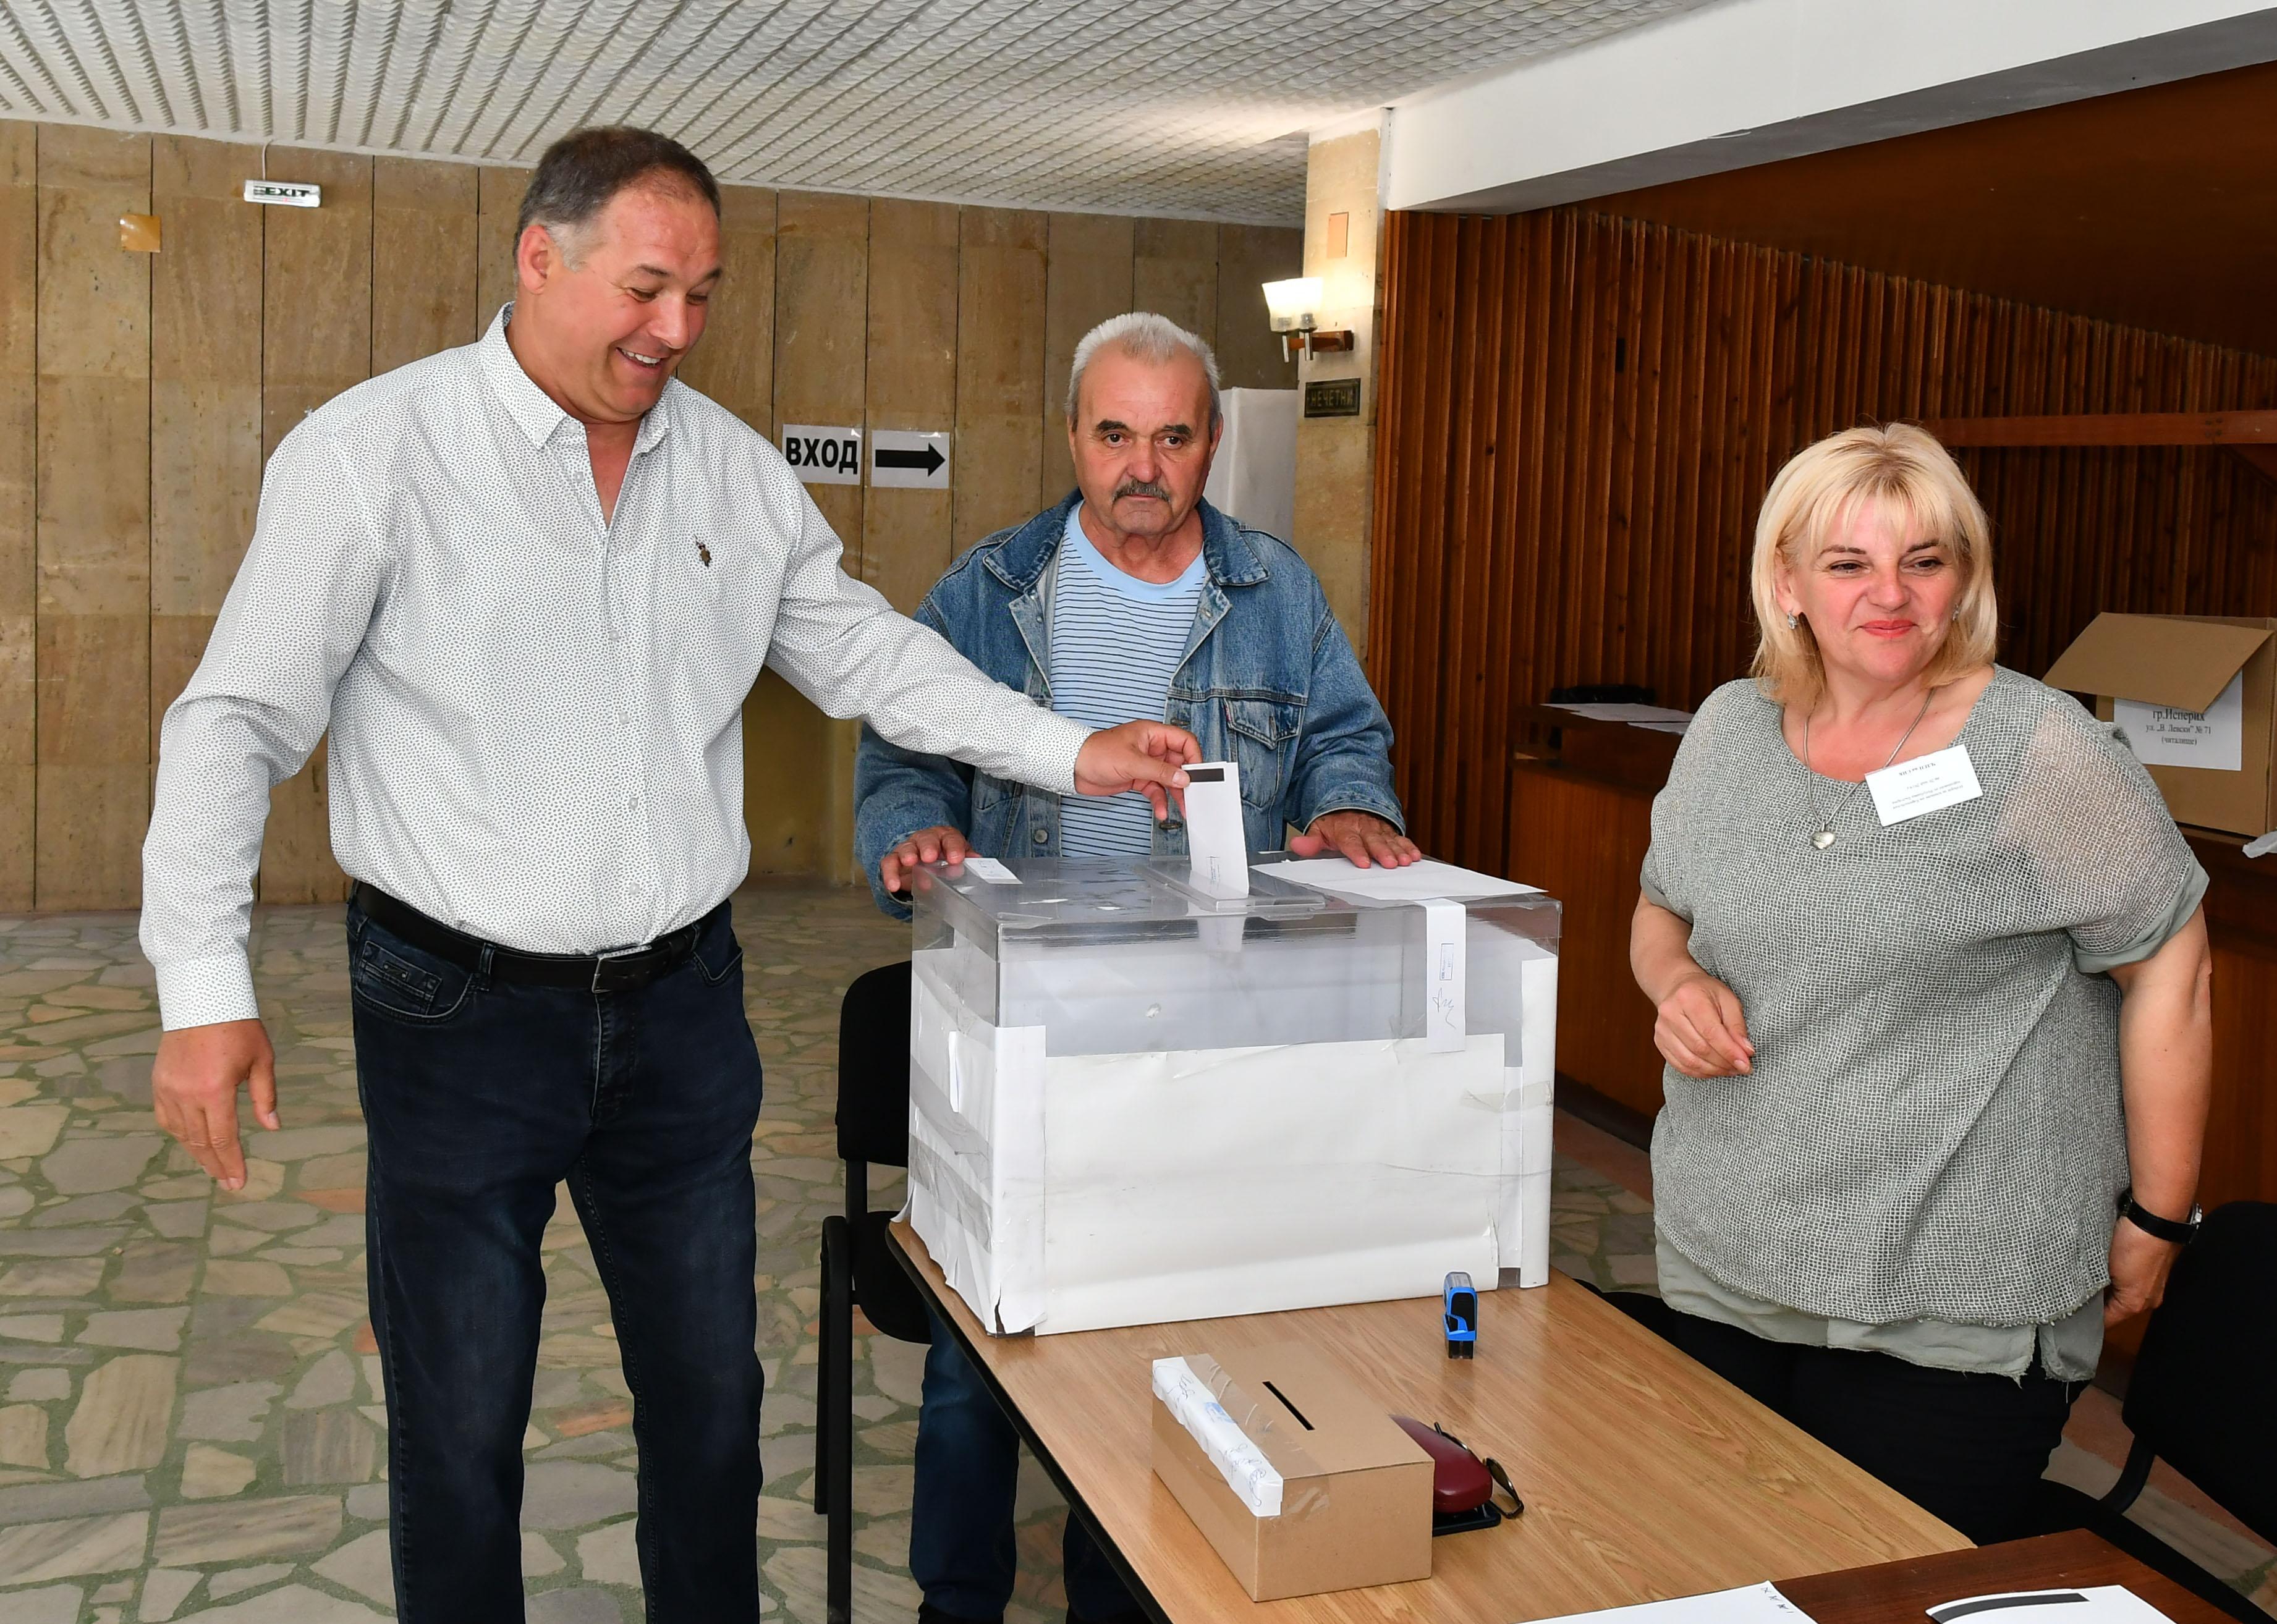 Областният управител Гюнай Хюсмен гласува в Исперих